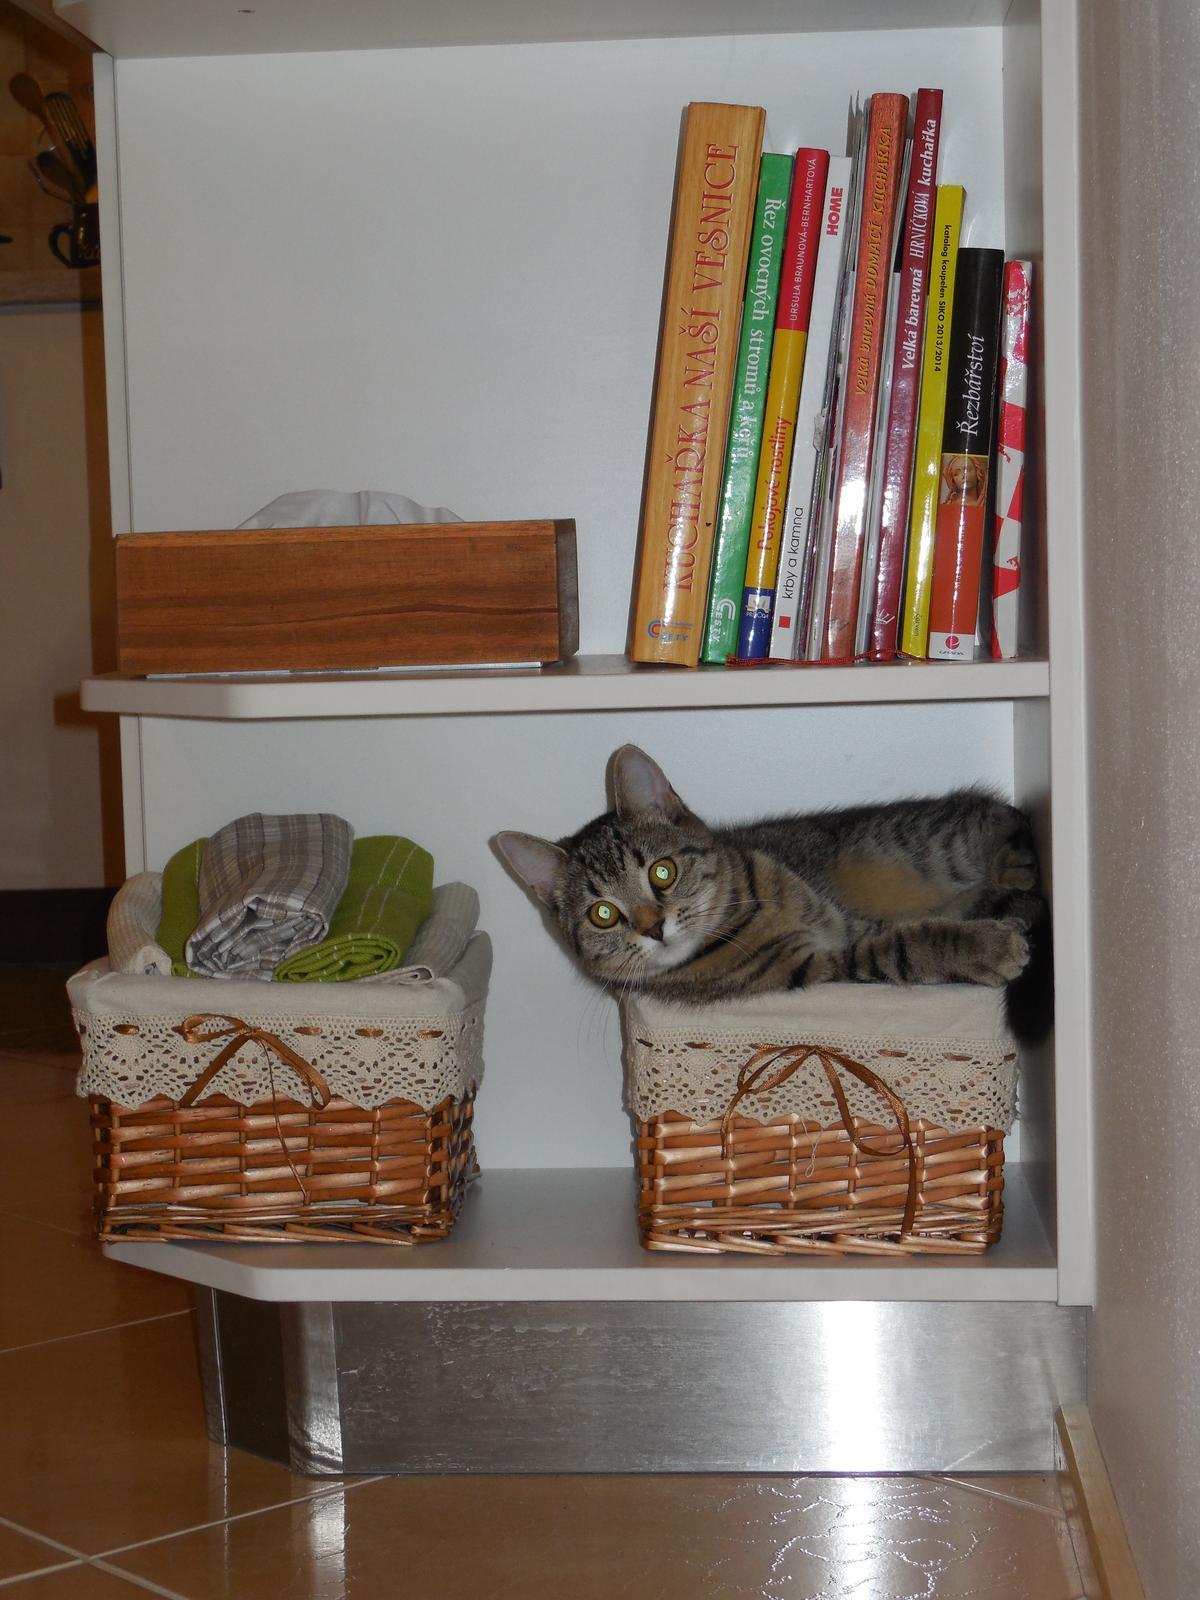 Naše roubenka - kdyby někdo hledal naši kočku, tak je v poličce vedle utěrek pod kuchařkama :-)